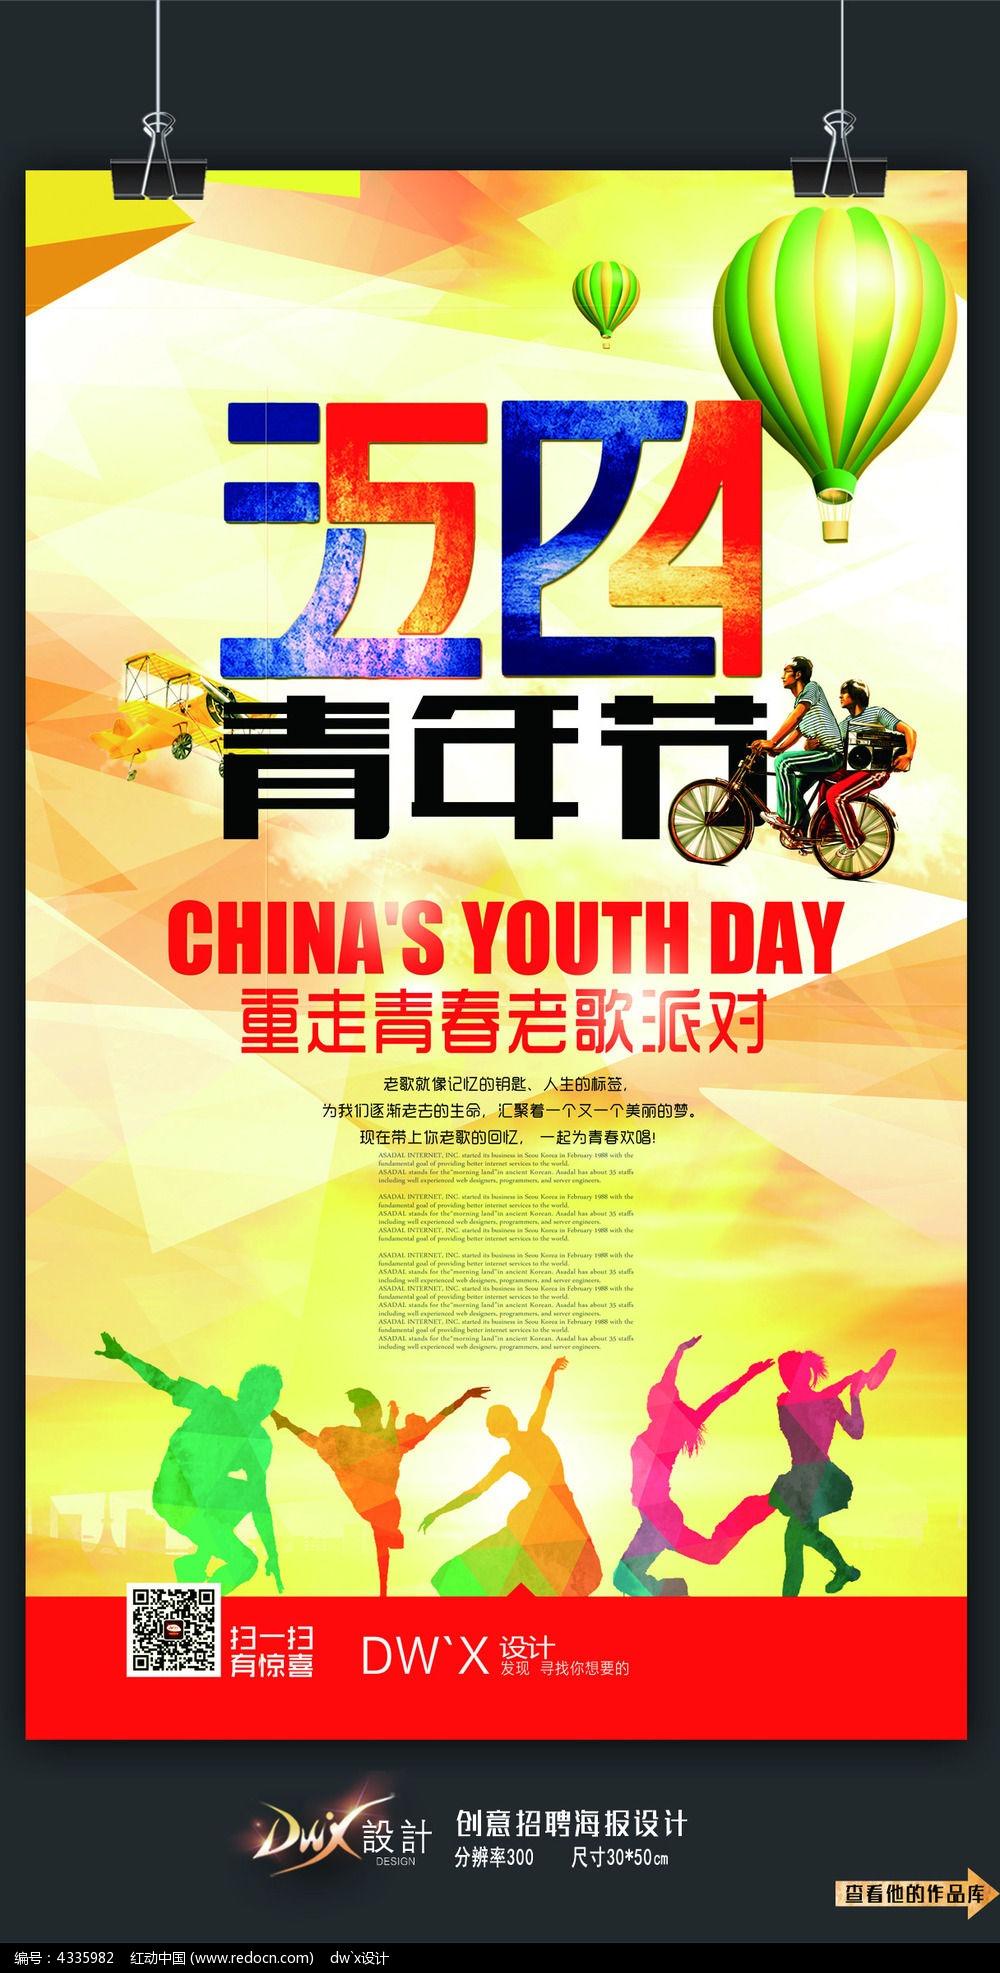 54青年节派对海报设计vi设计公司名称图片